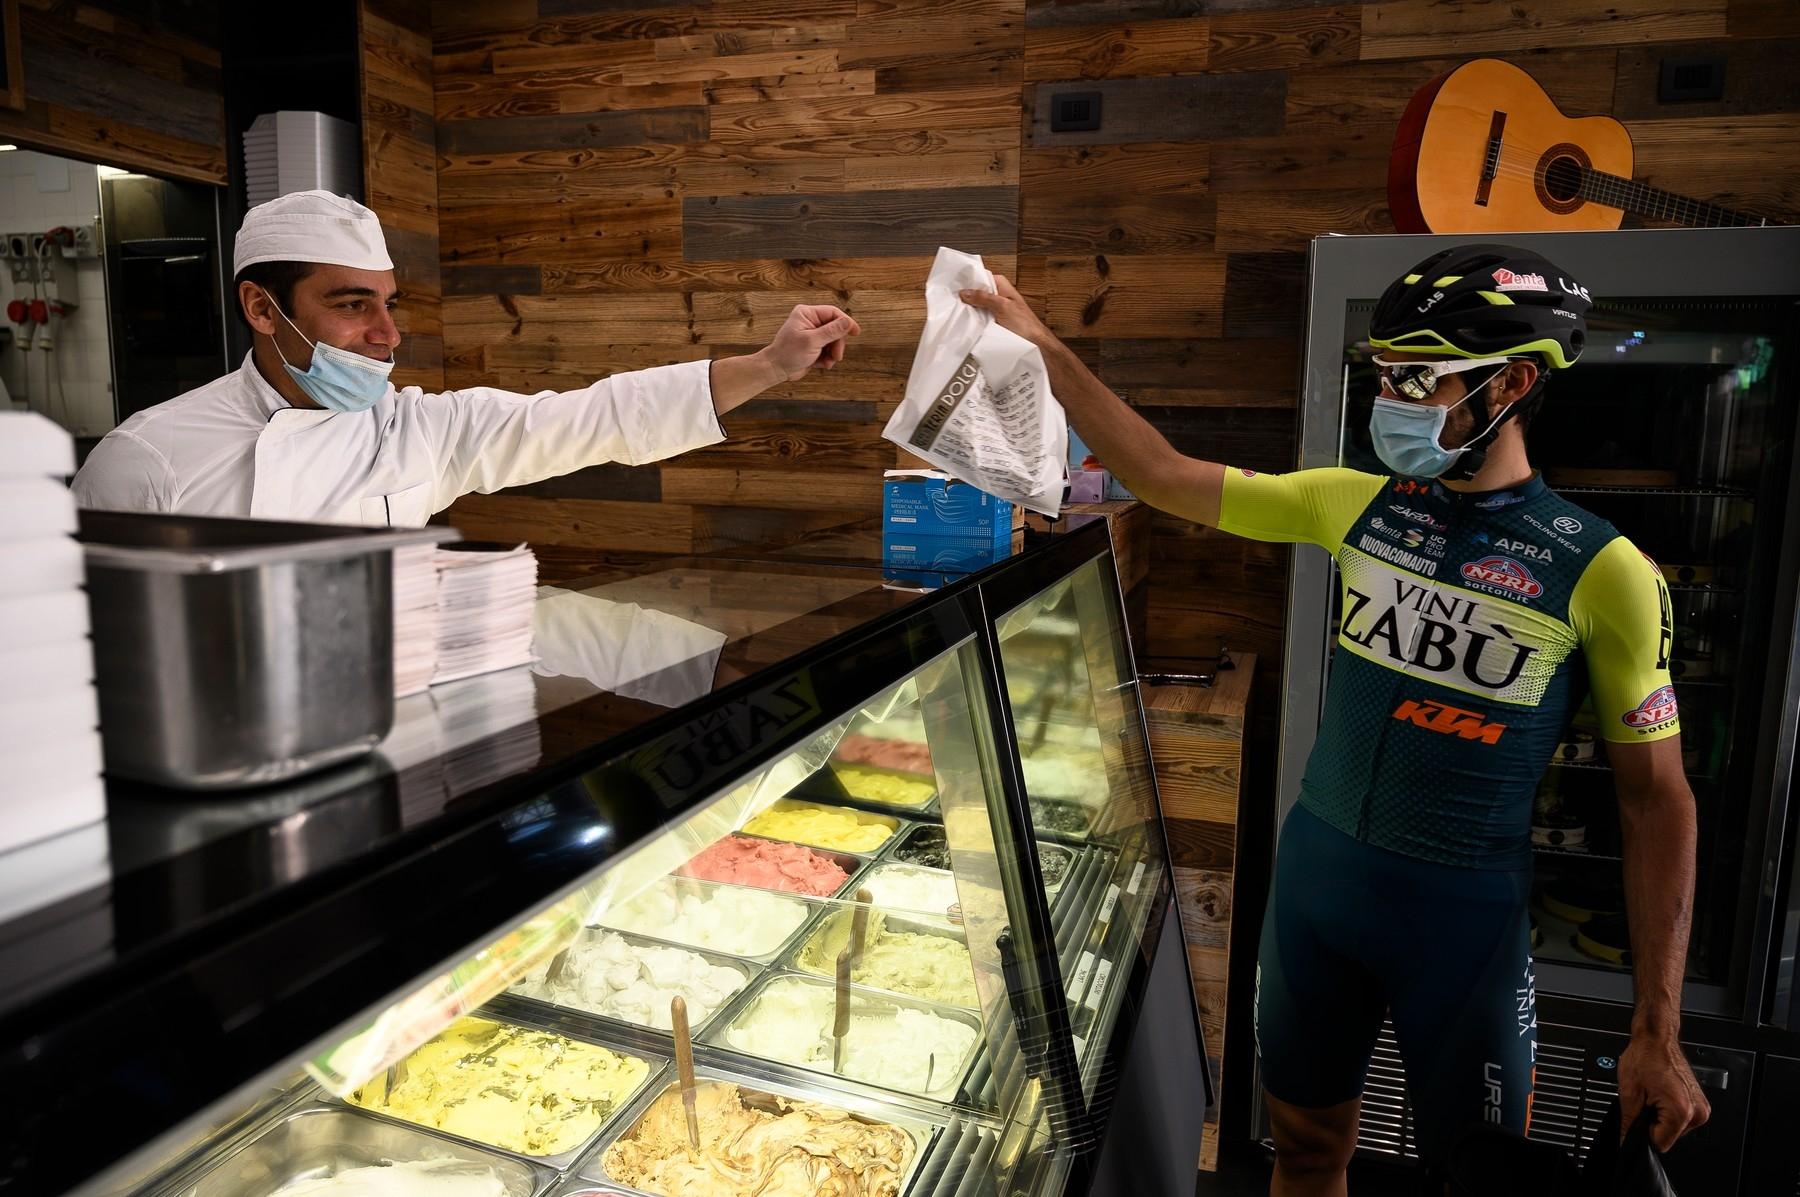 Profesionál Umberto Marengo v době pandemie koronaviru rozvážel v rodné zemi jídlo. Foto: profimedia